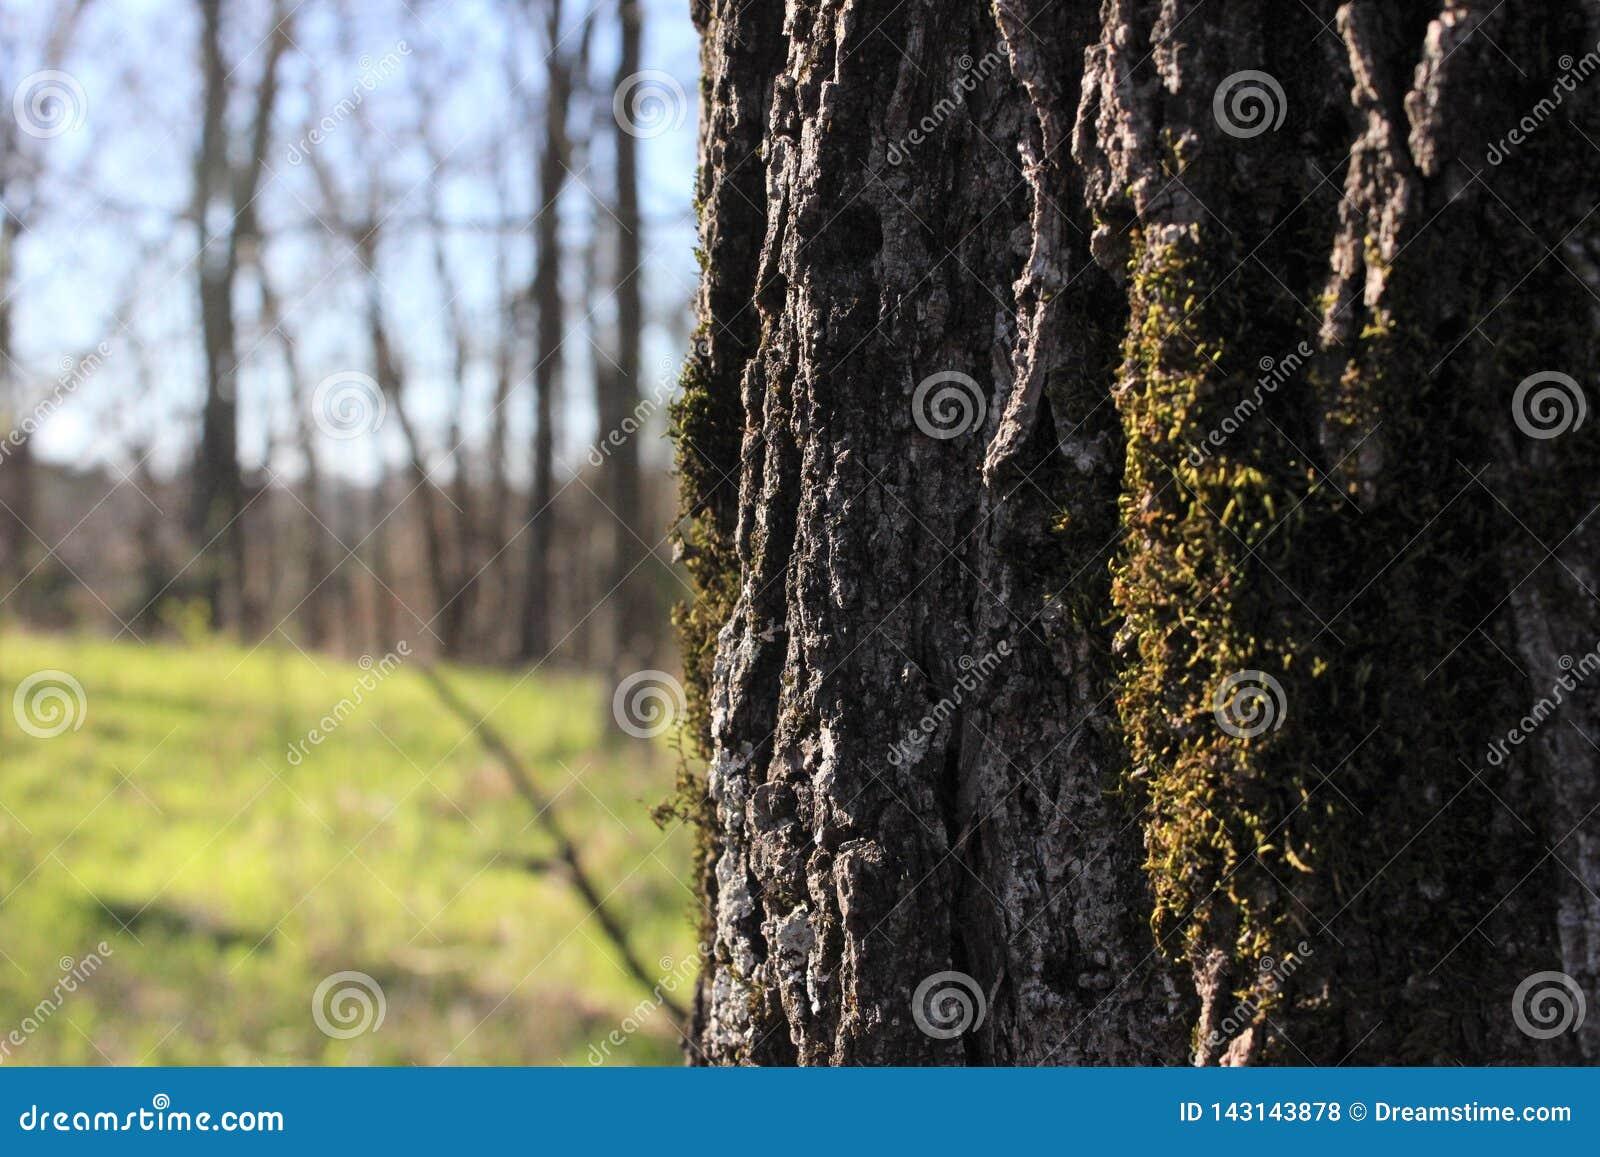 Baum mit Moss Growing auf Barke